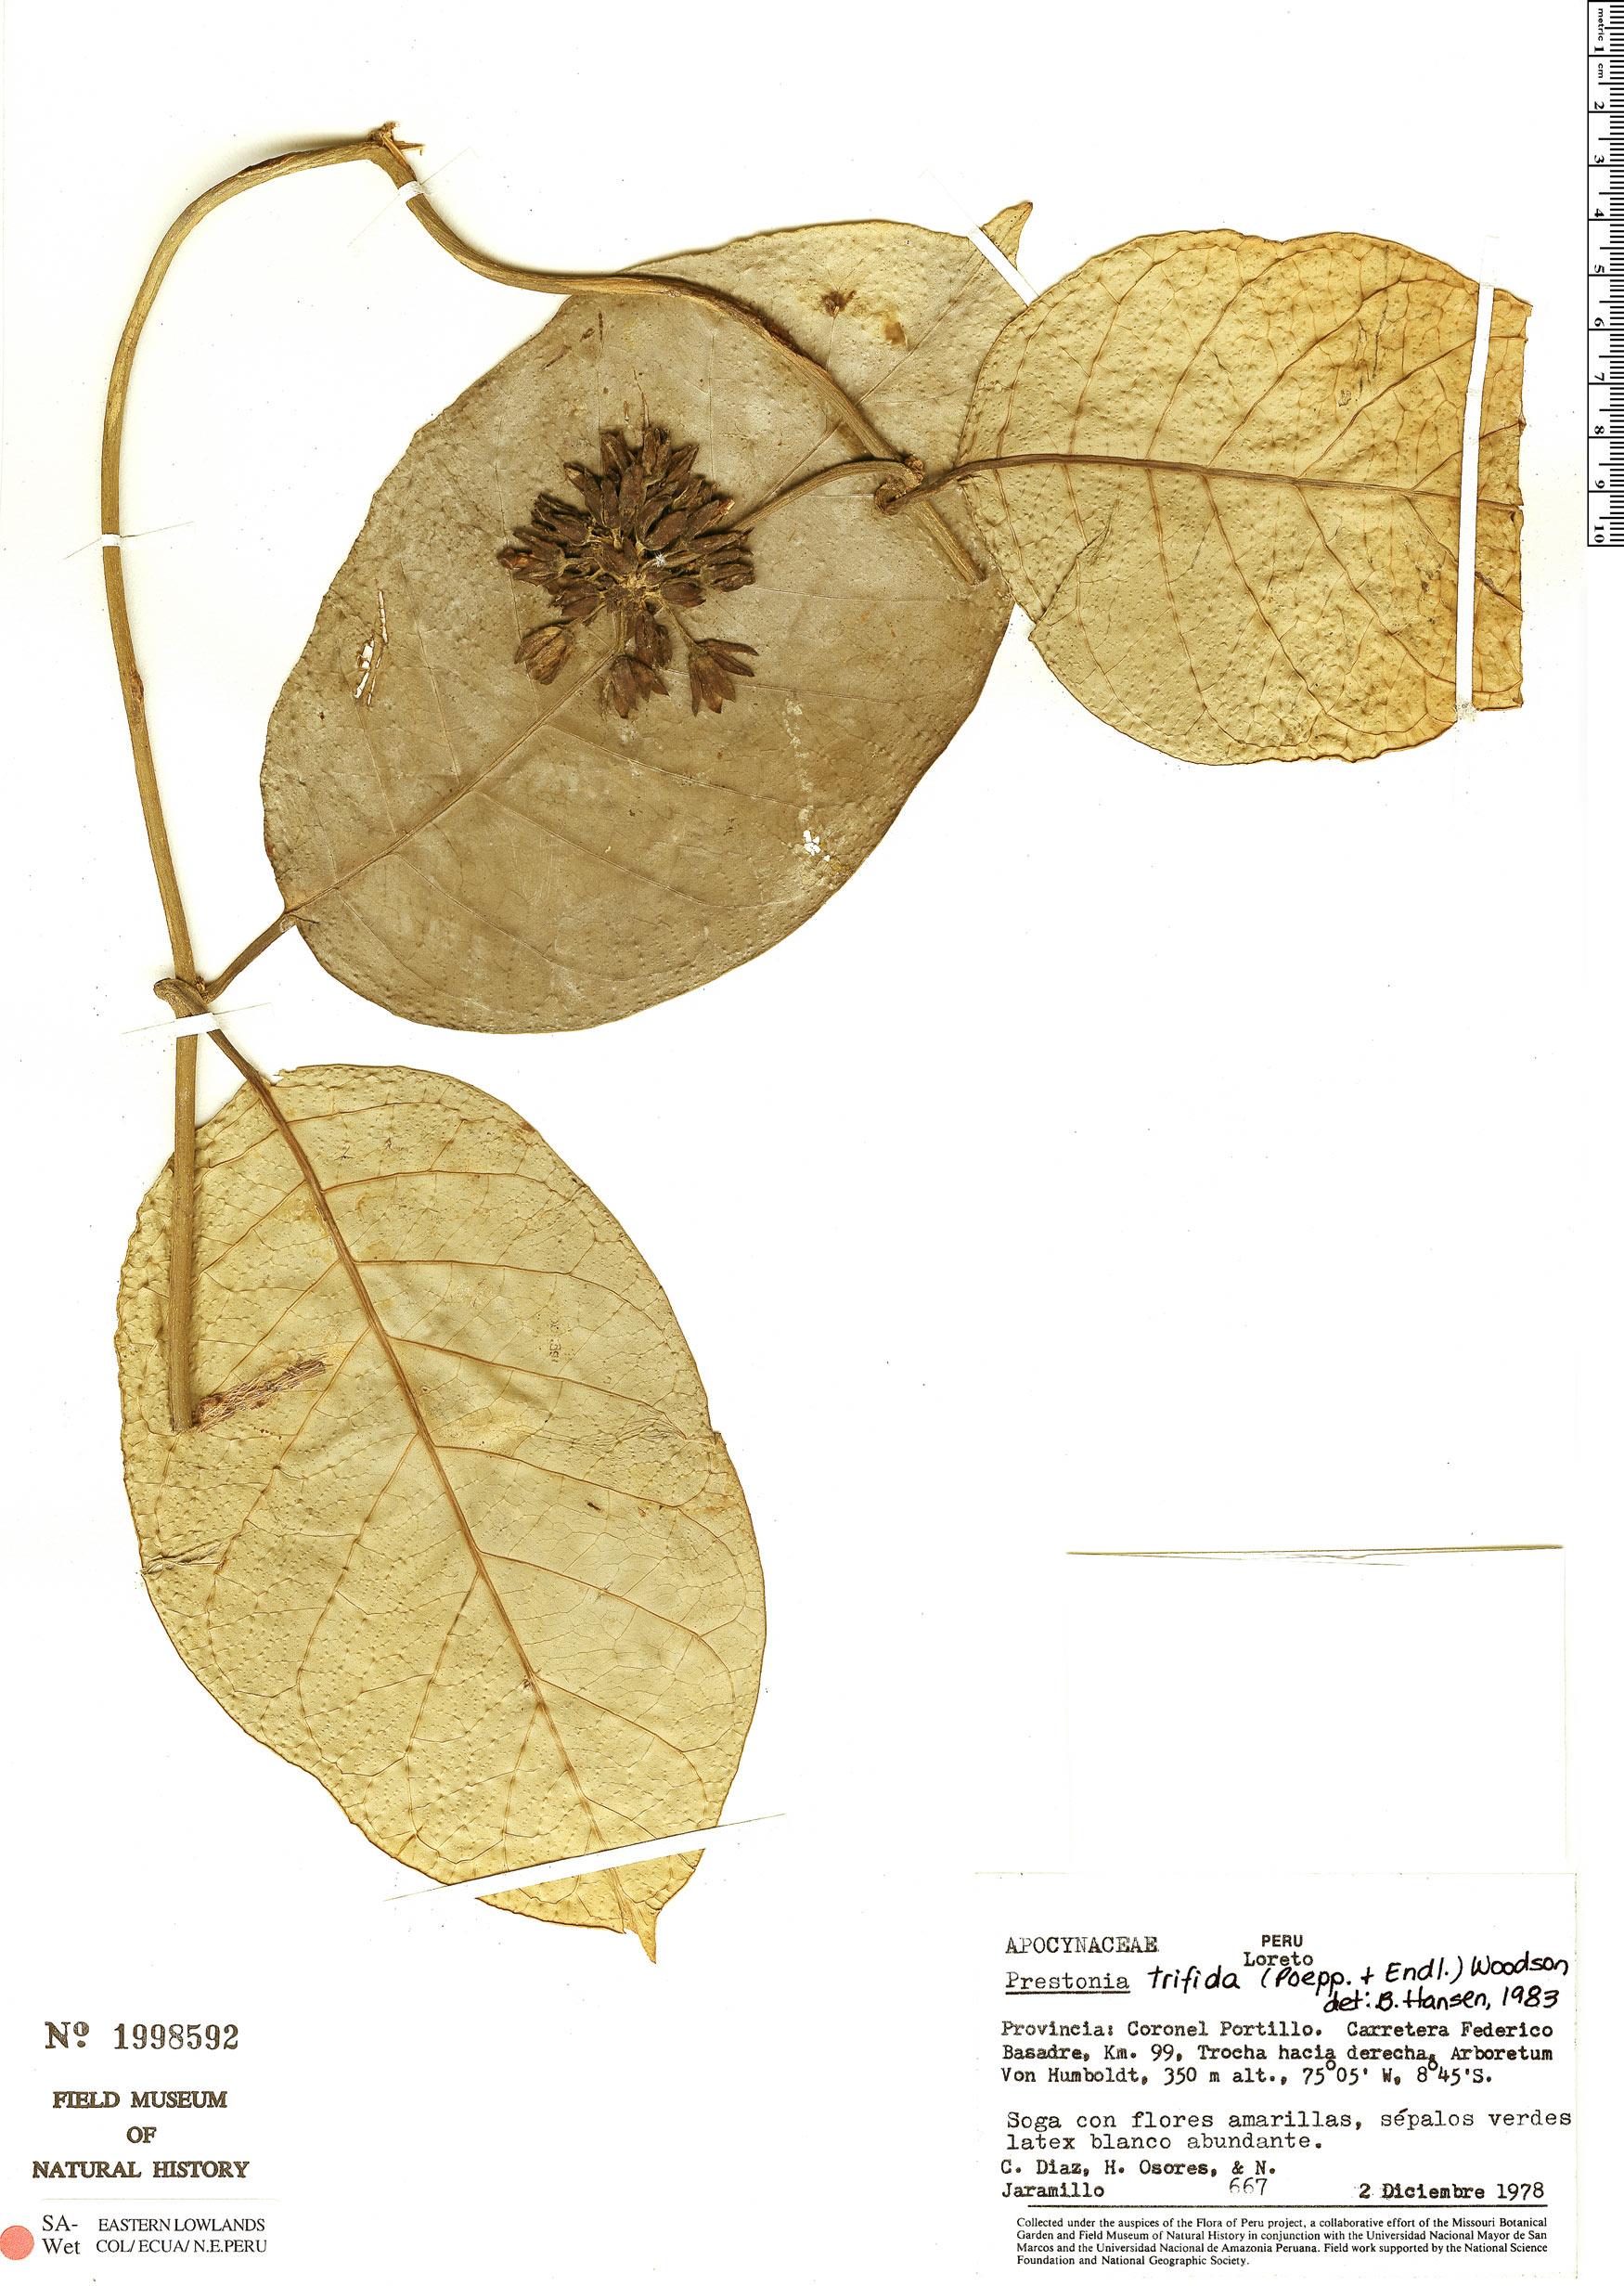 Specimen: Prestonia trifida